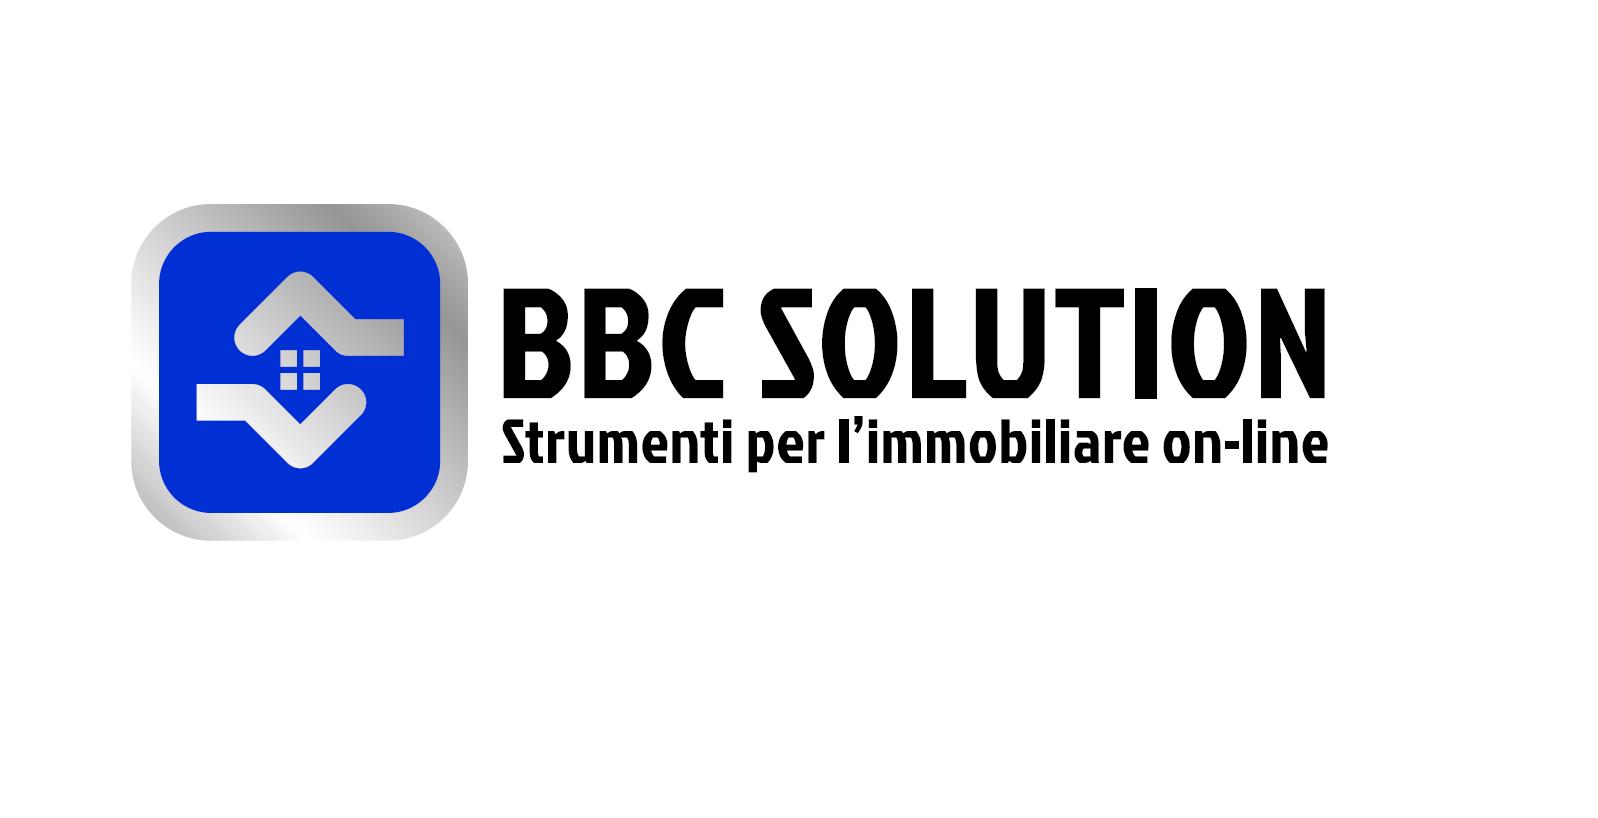 Accademia cresce grazie a BBC Solution